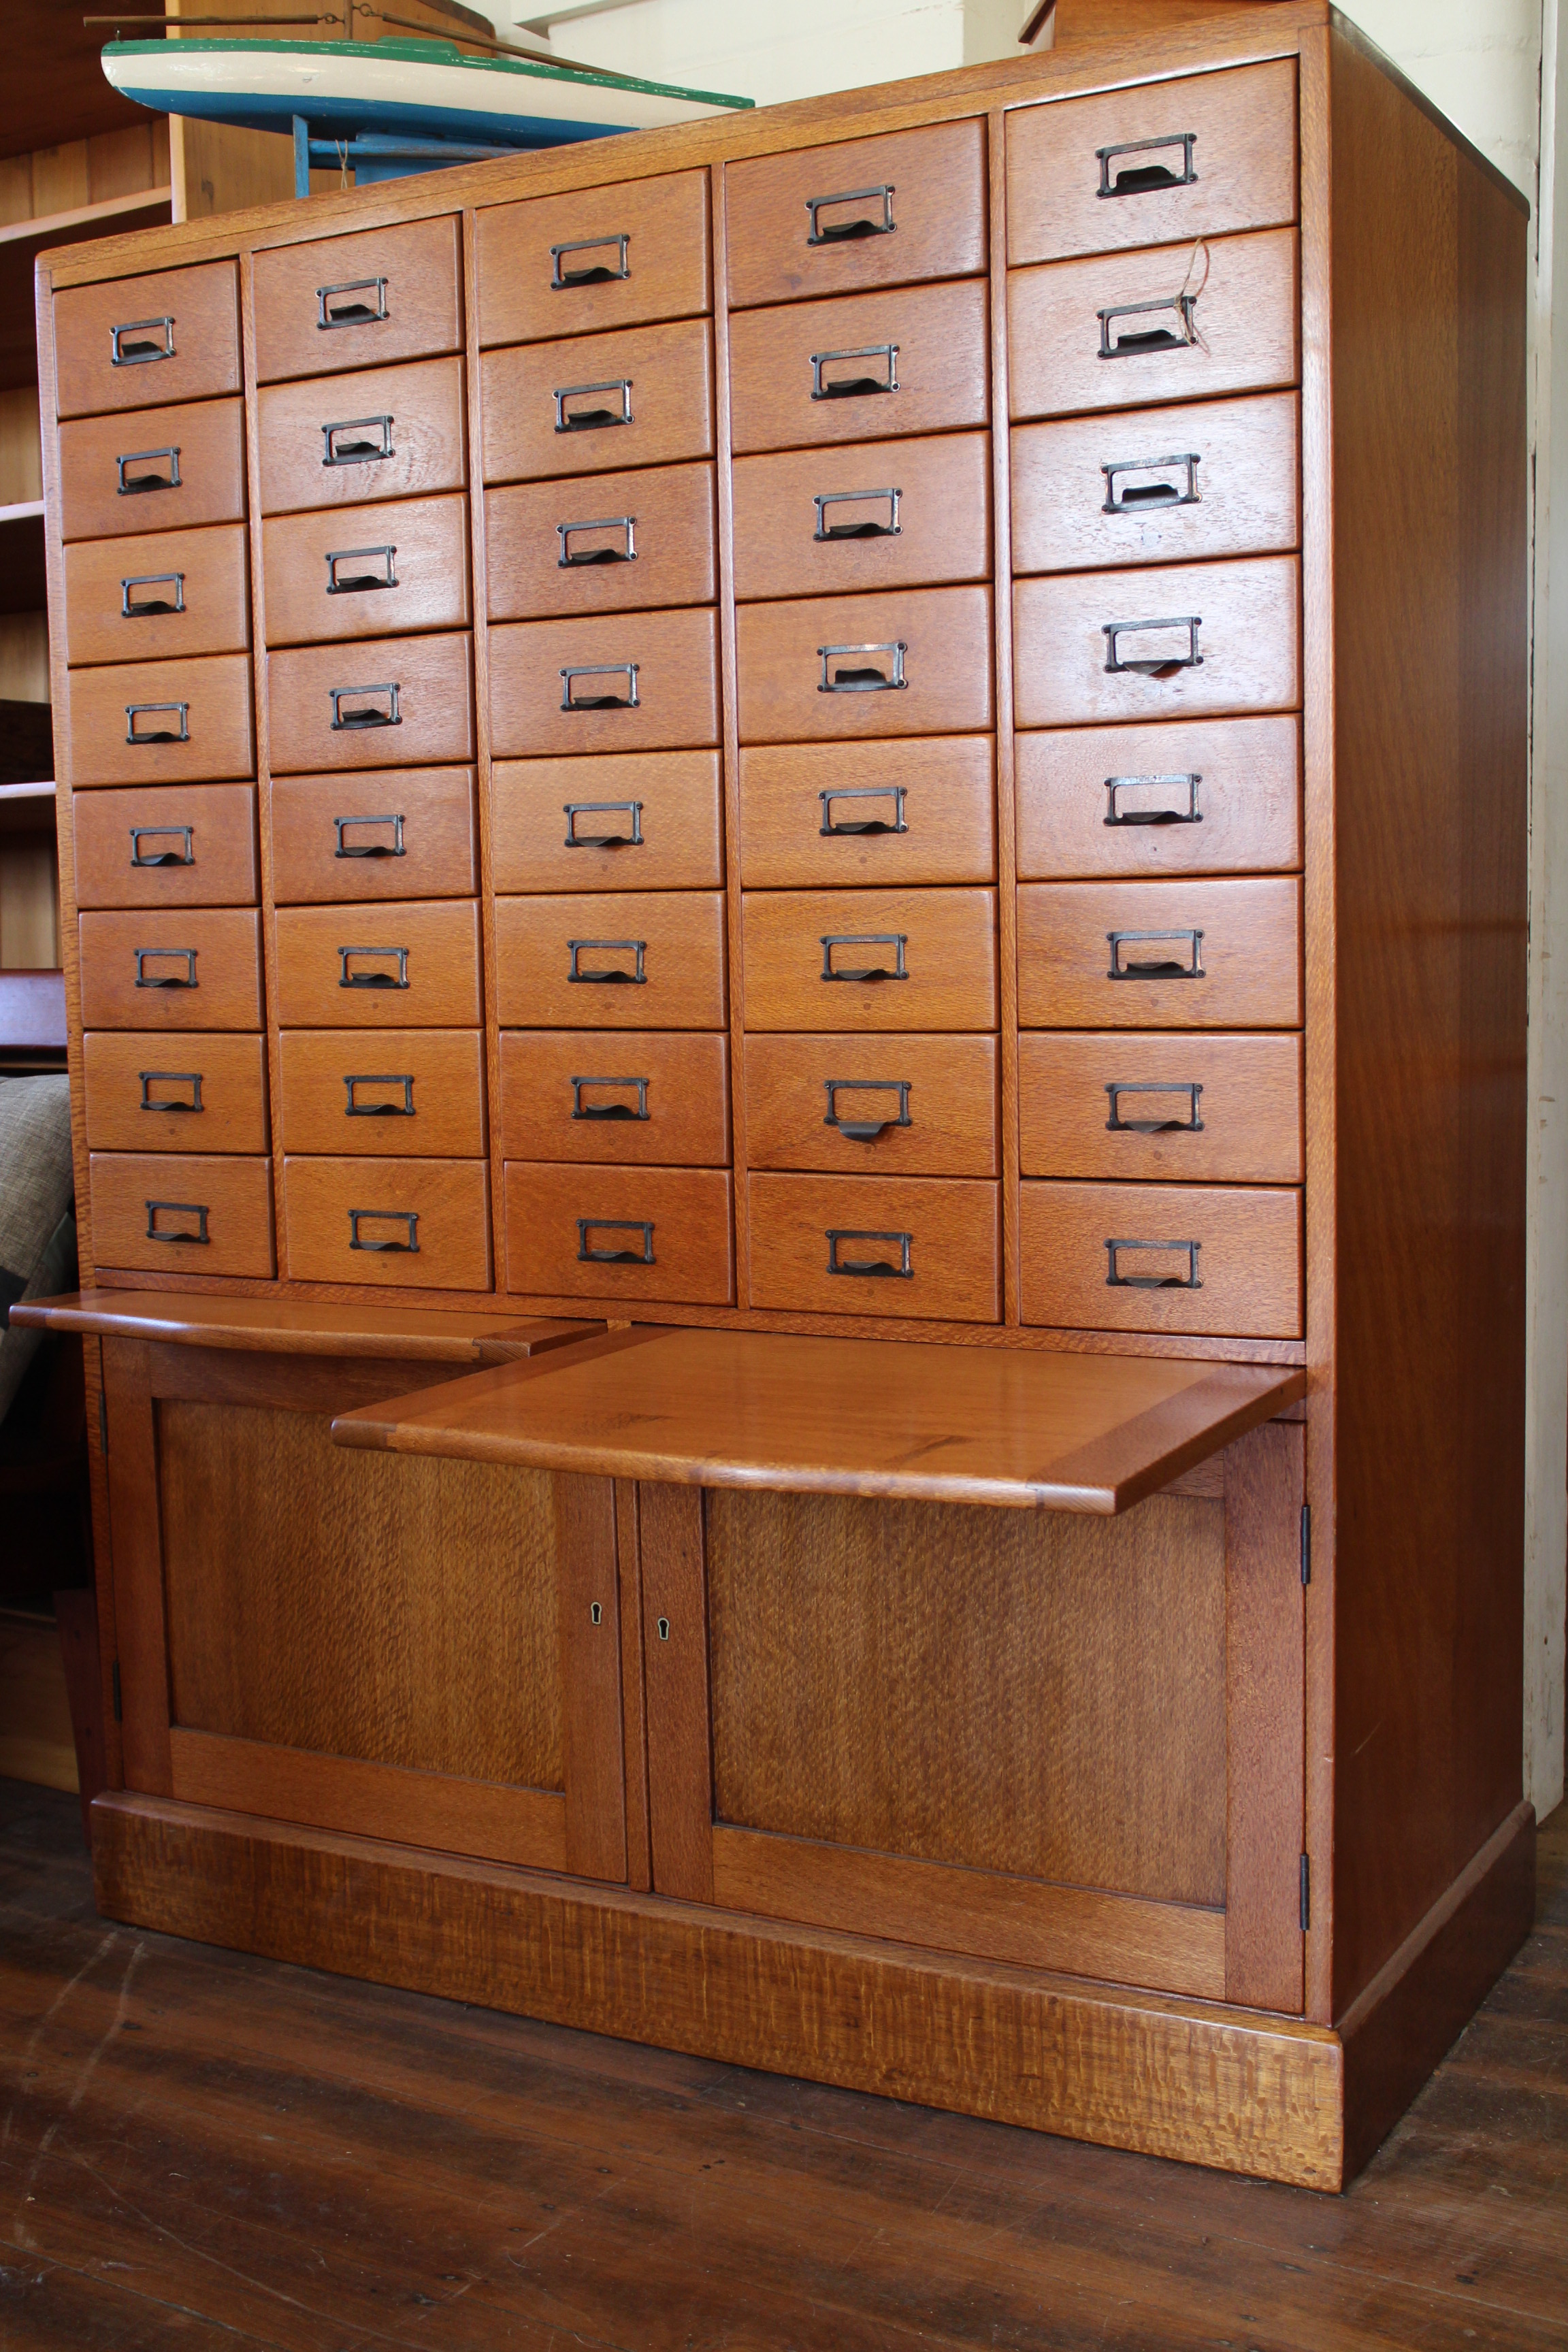 silky oak office drawers.jpg